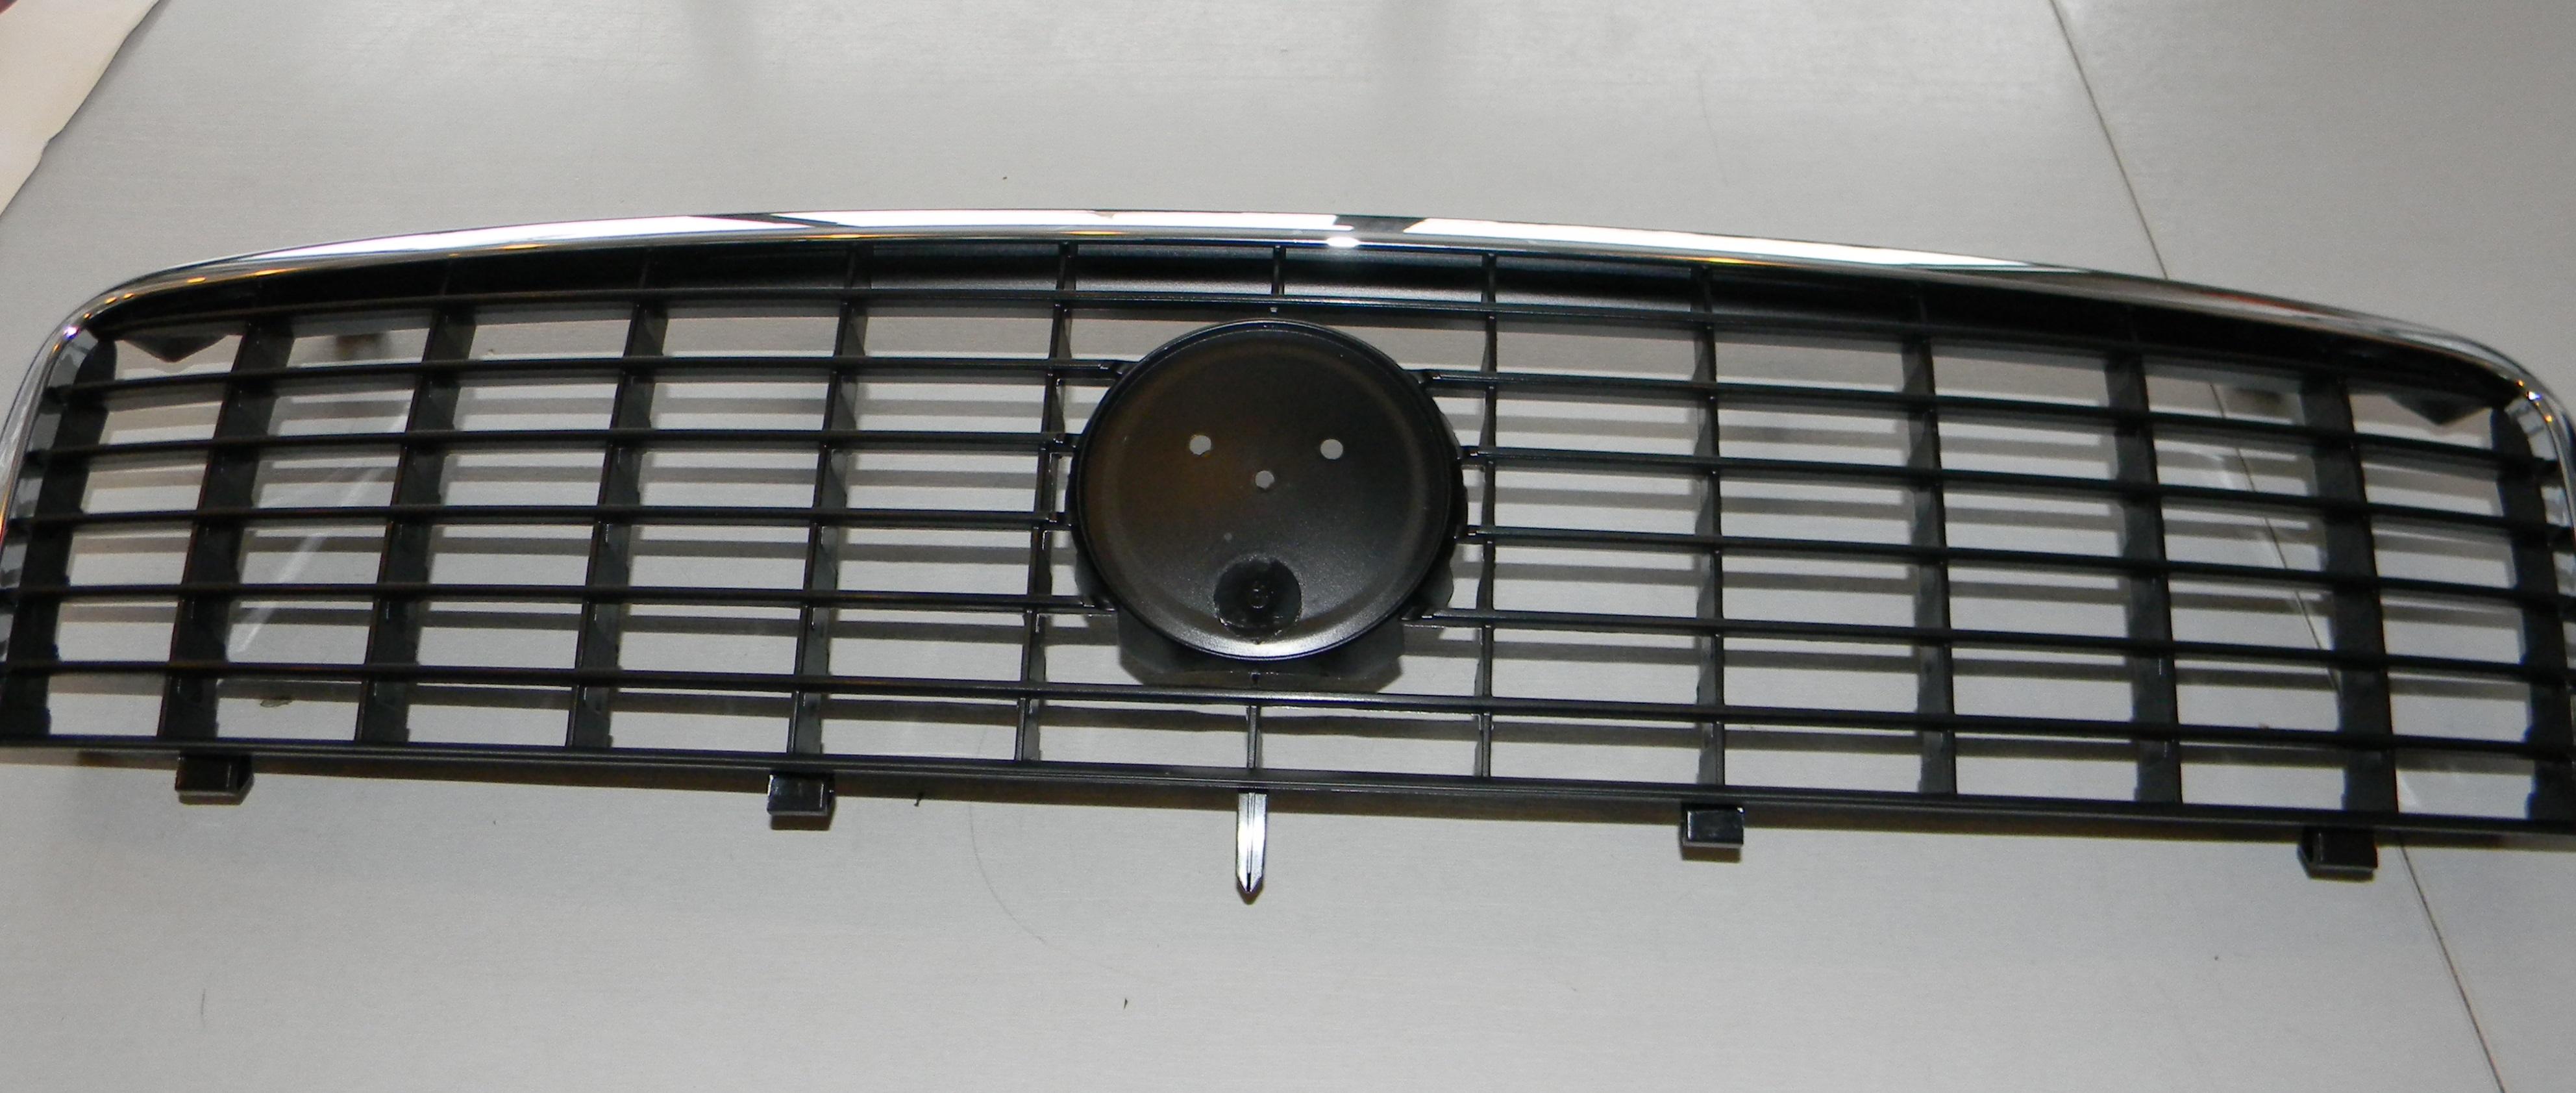 решетка радиатора на фиат линеа